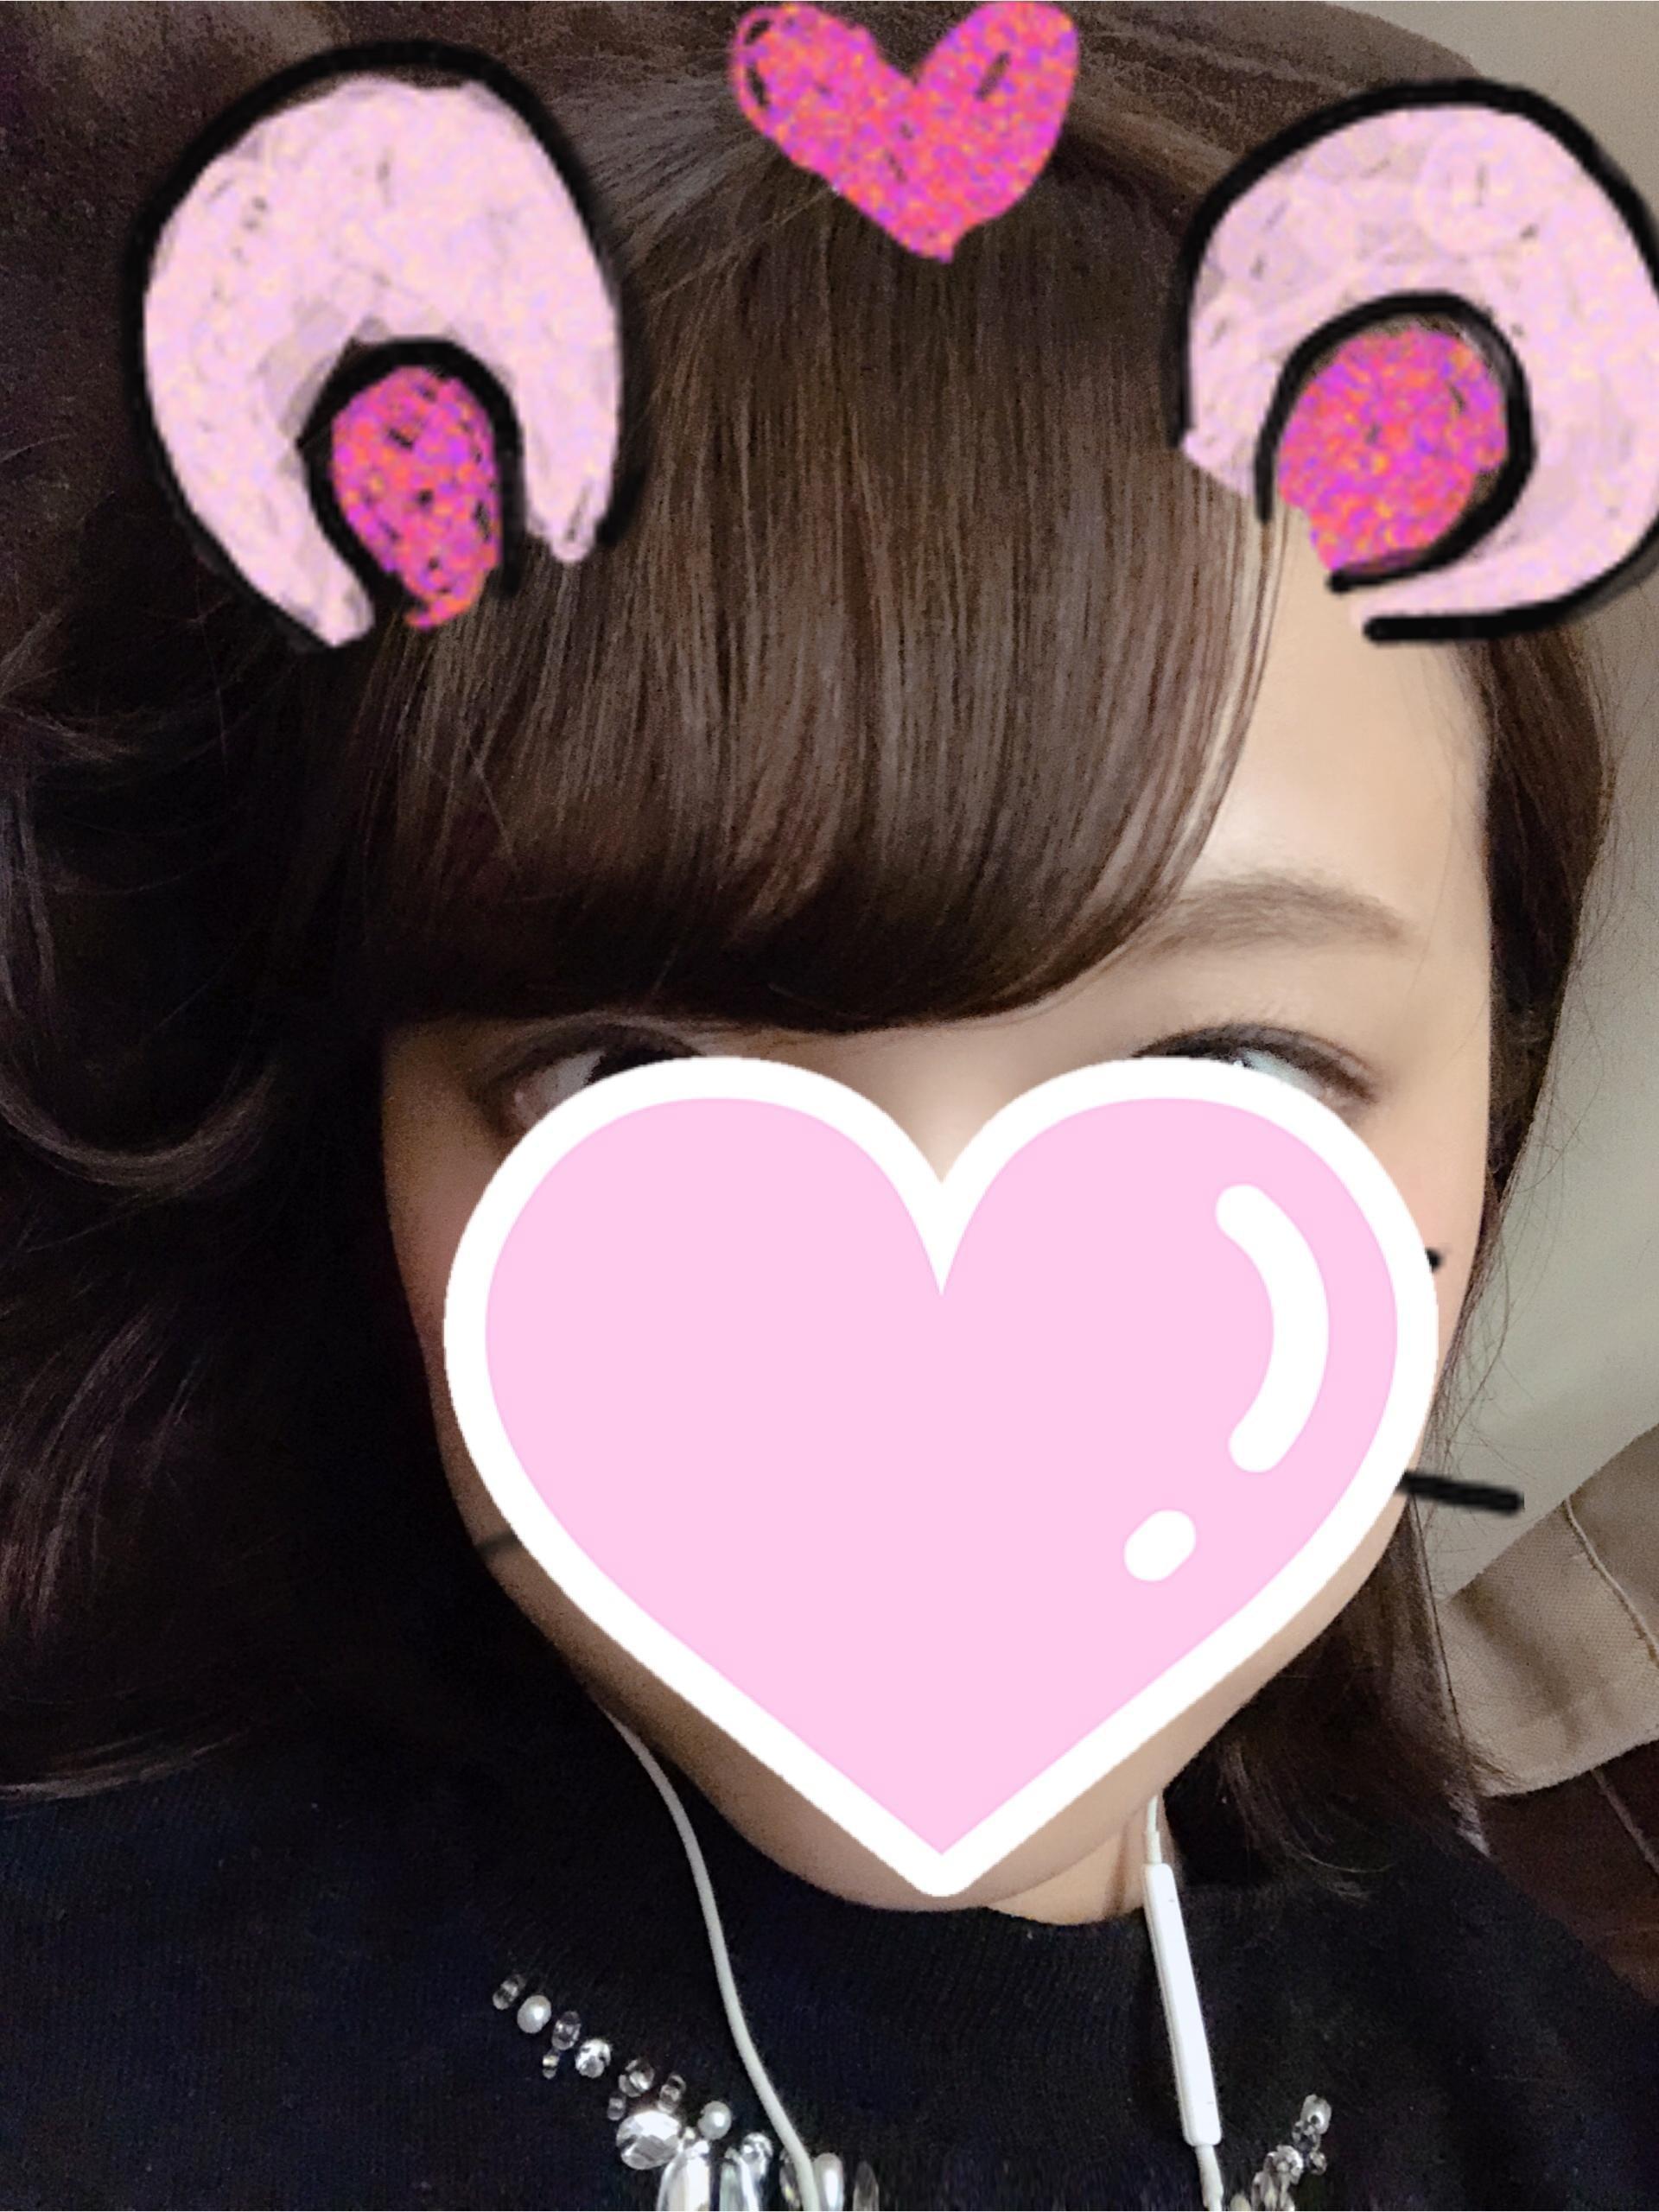 「90分紳士様」11/07(11/07) 21:46 | えみりの写メ・風俗動画